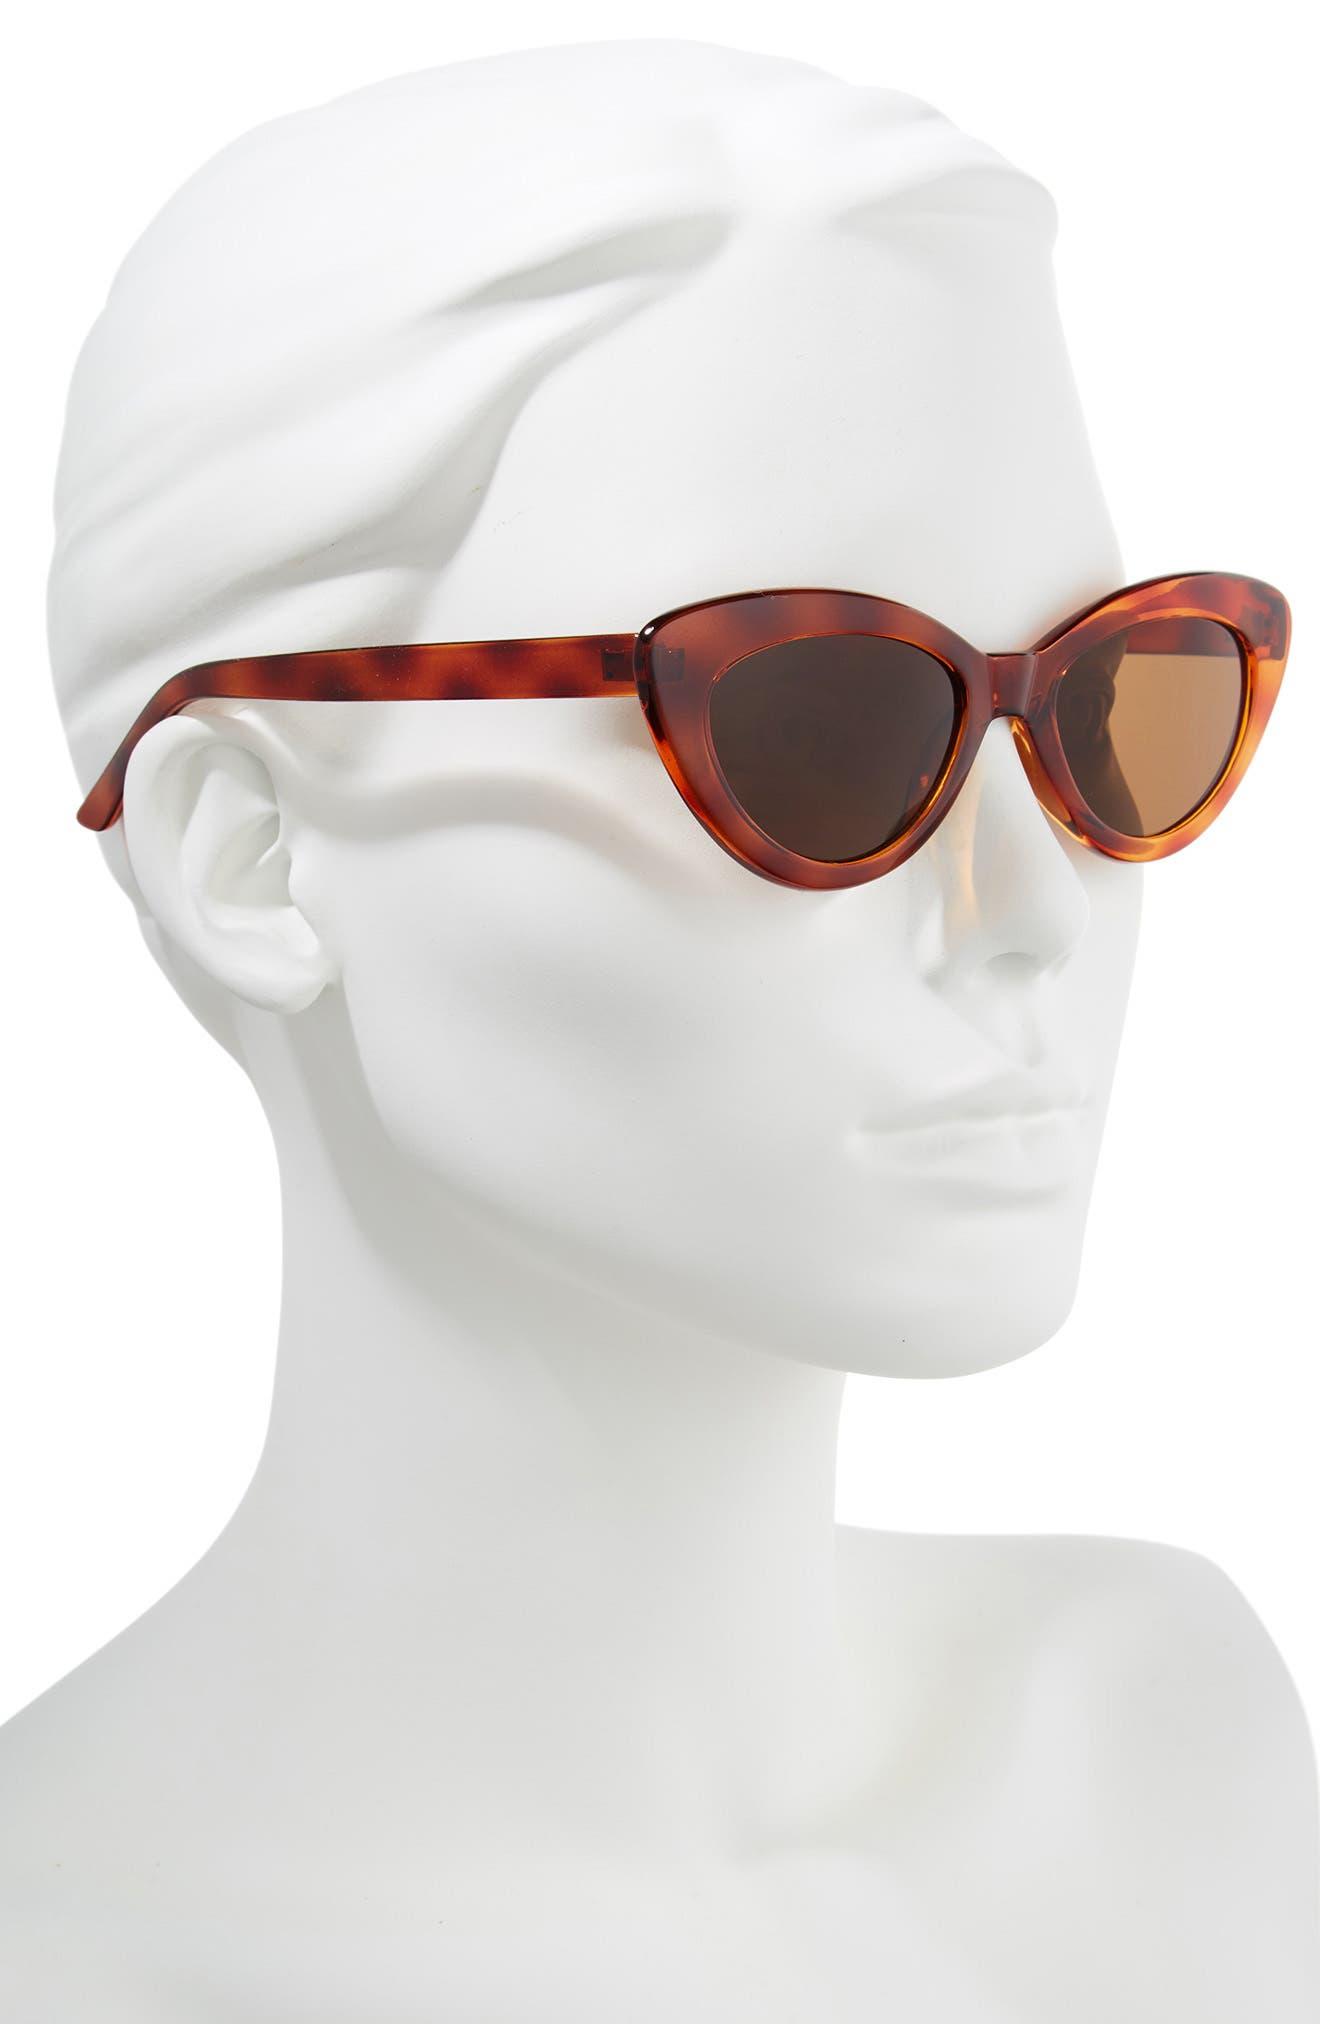 51mm Cat Eye Sunglasses,                             Alternate thumbnail 2, color,                             Tort